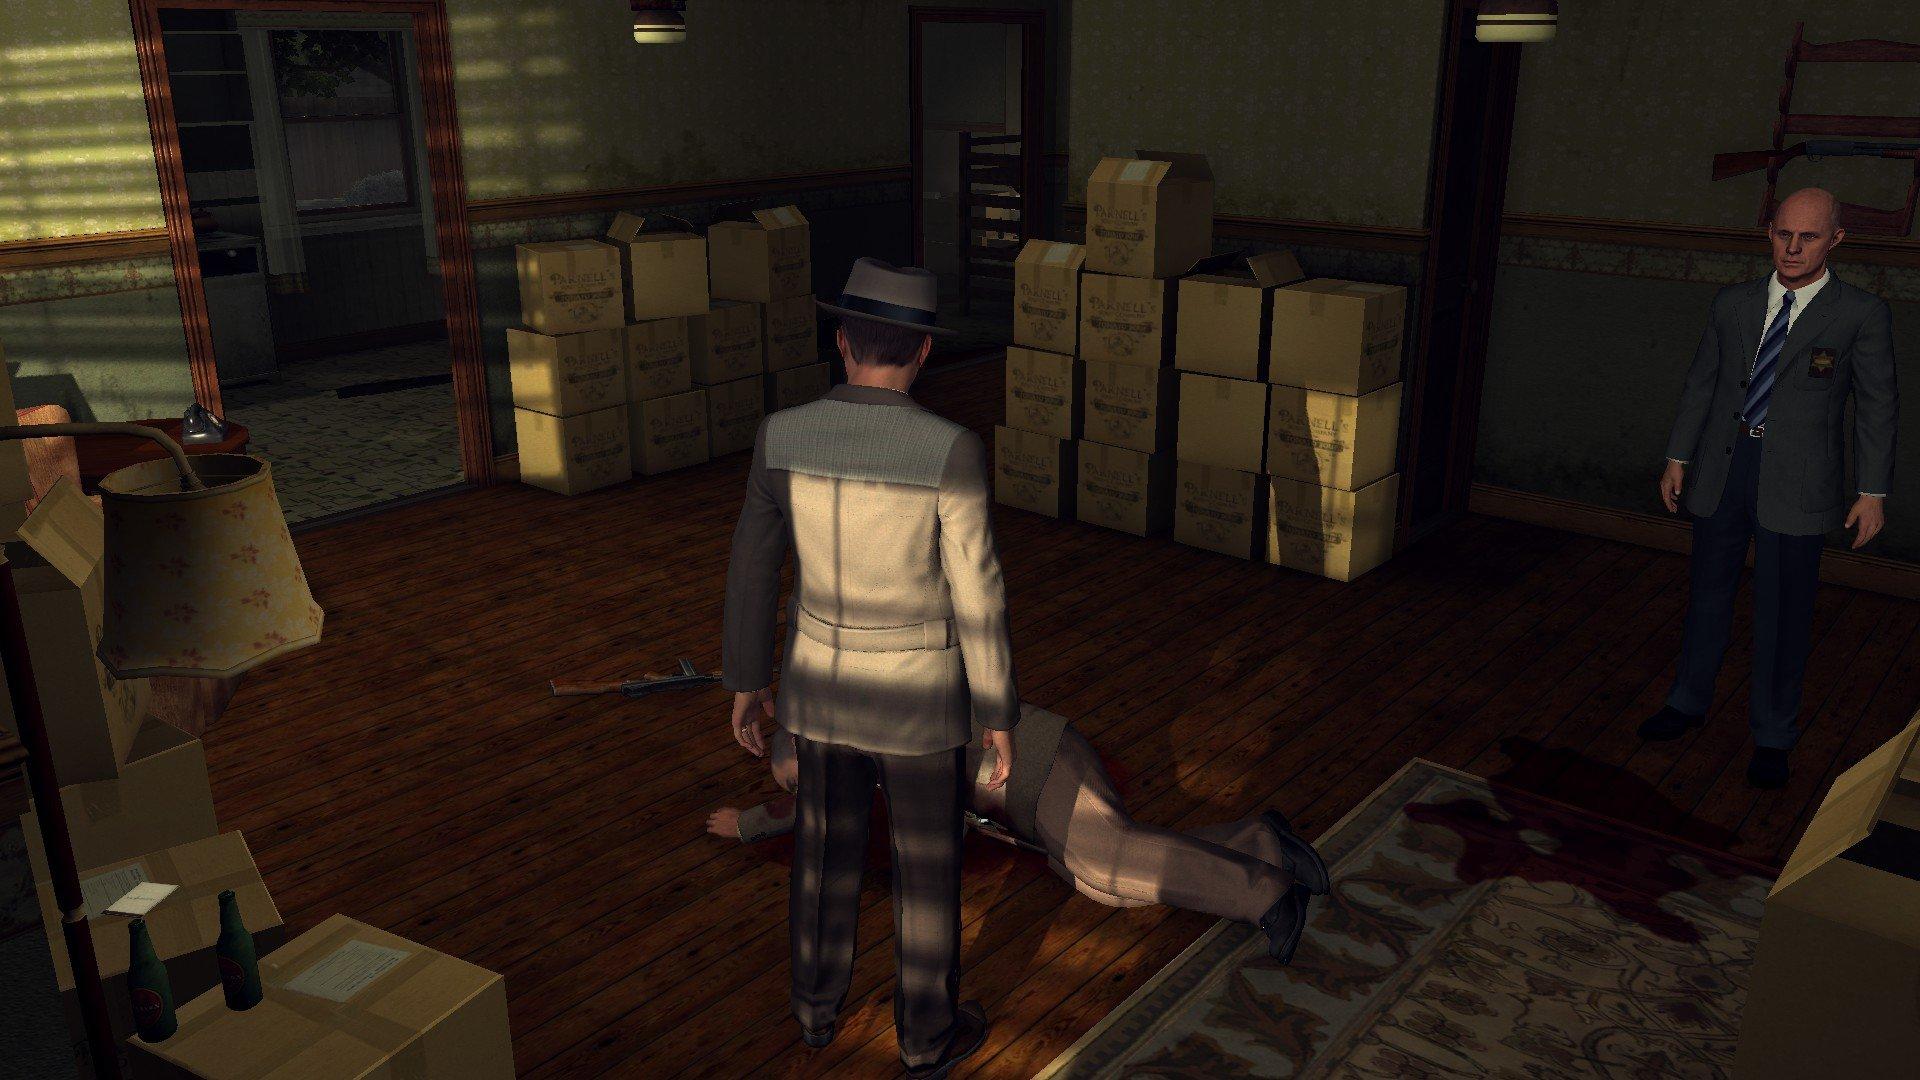 Пост-прохождение L.A. Noire Часть 15. - Изображение 11